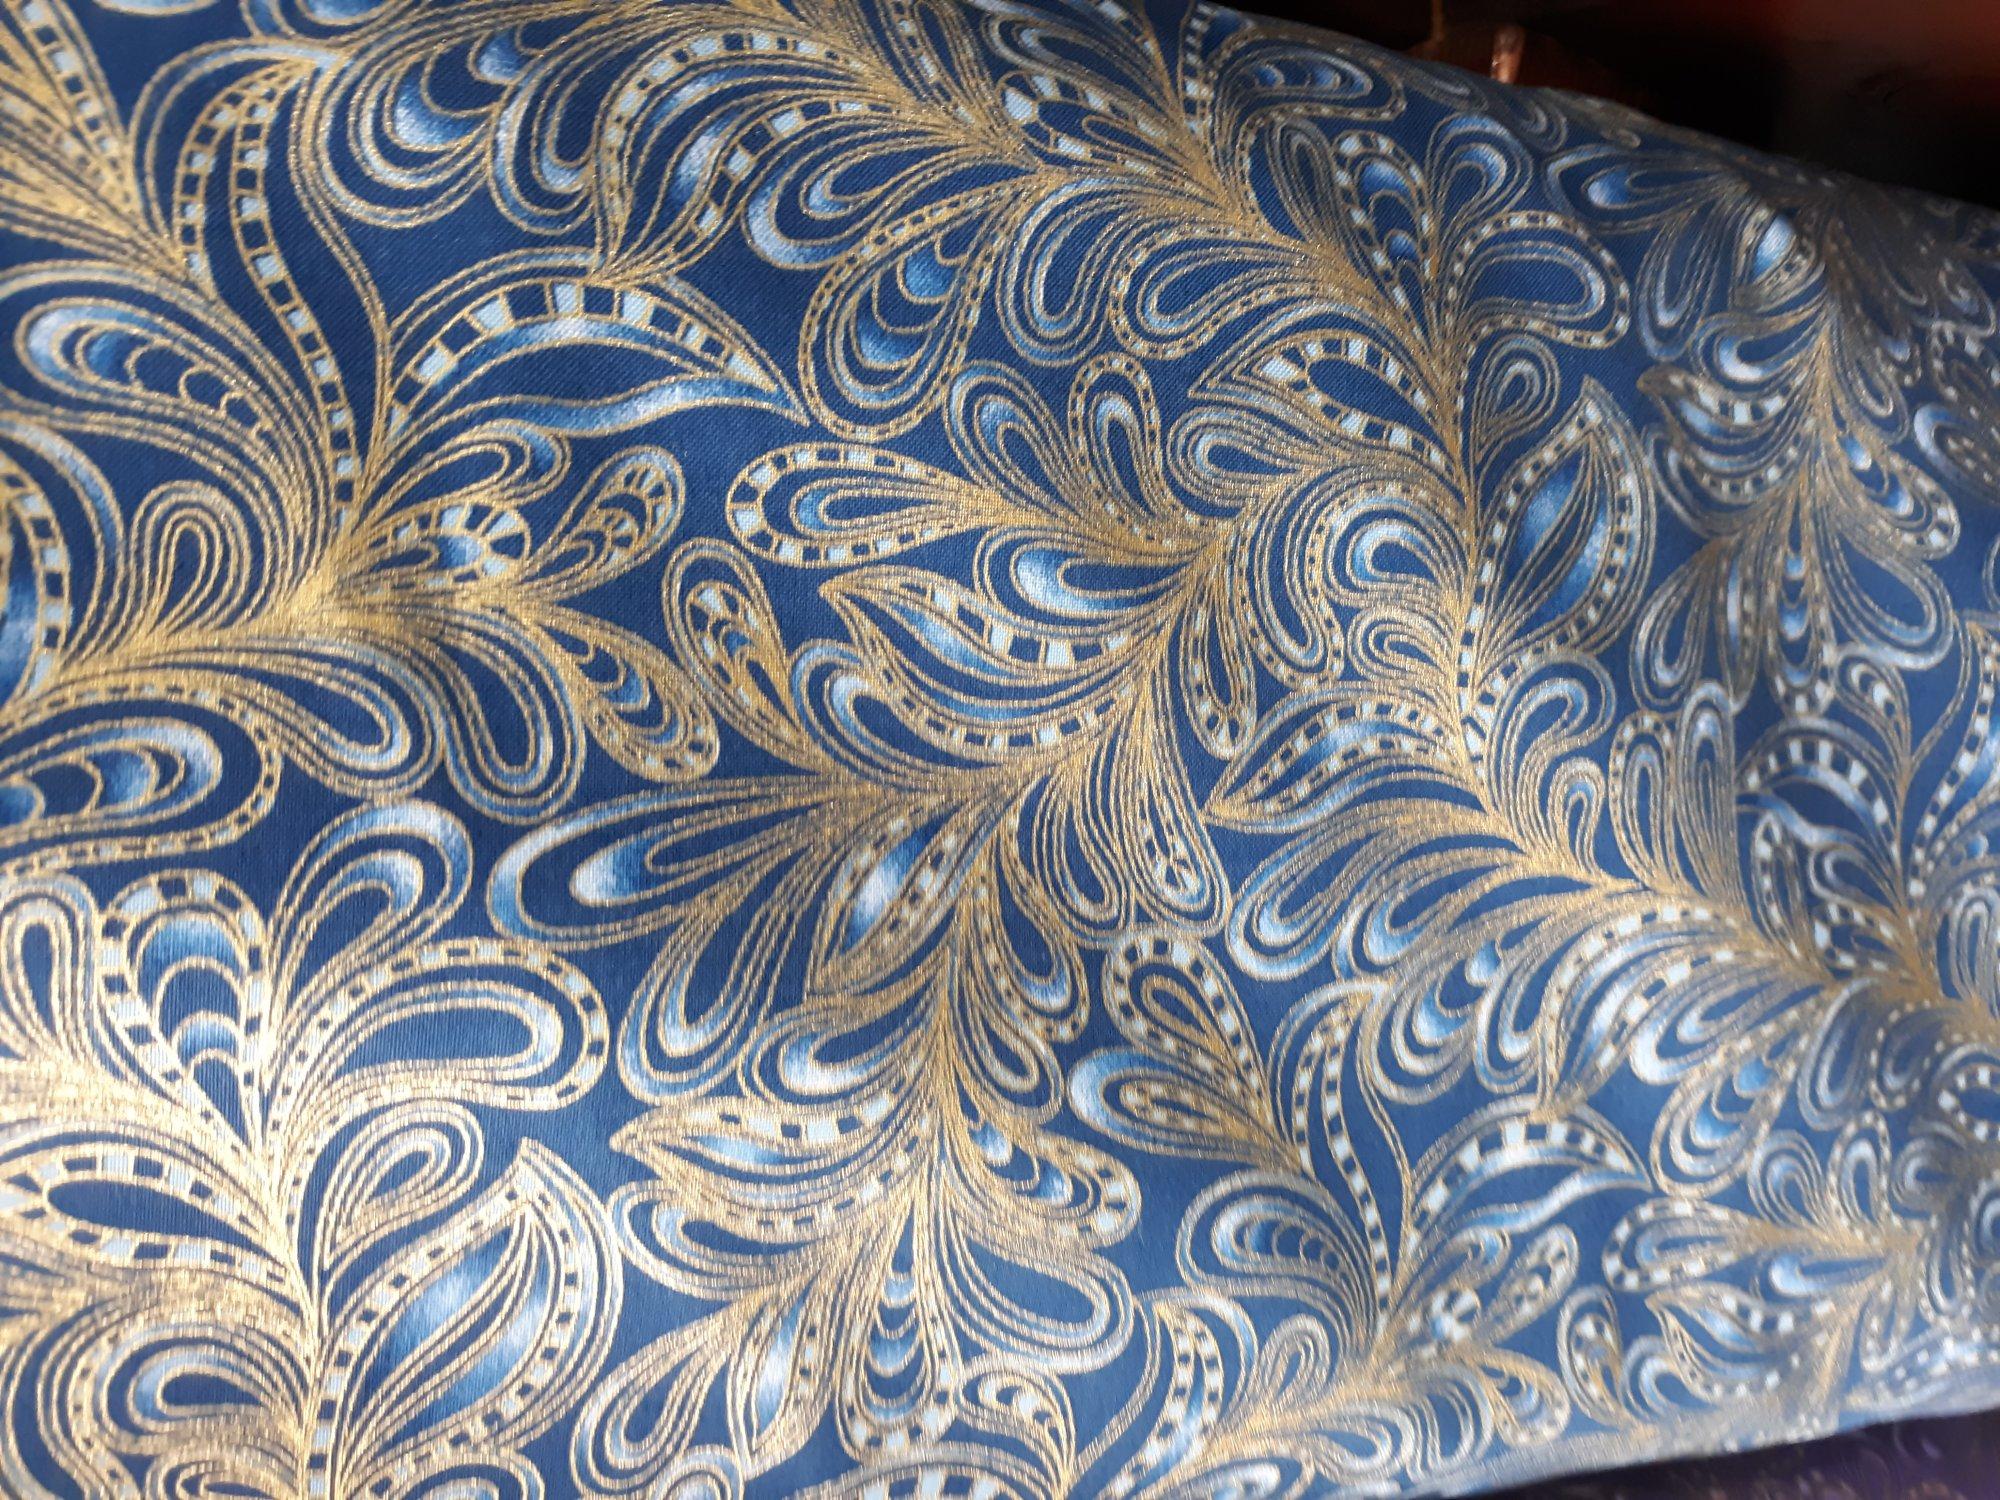 Benartex Featherly Paisley Blue